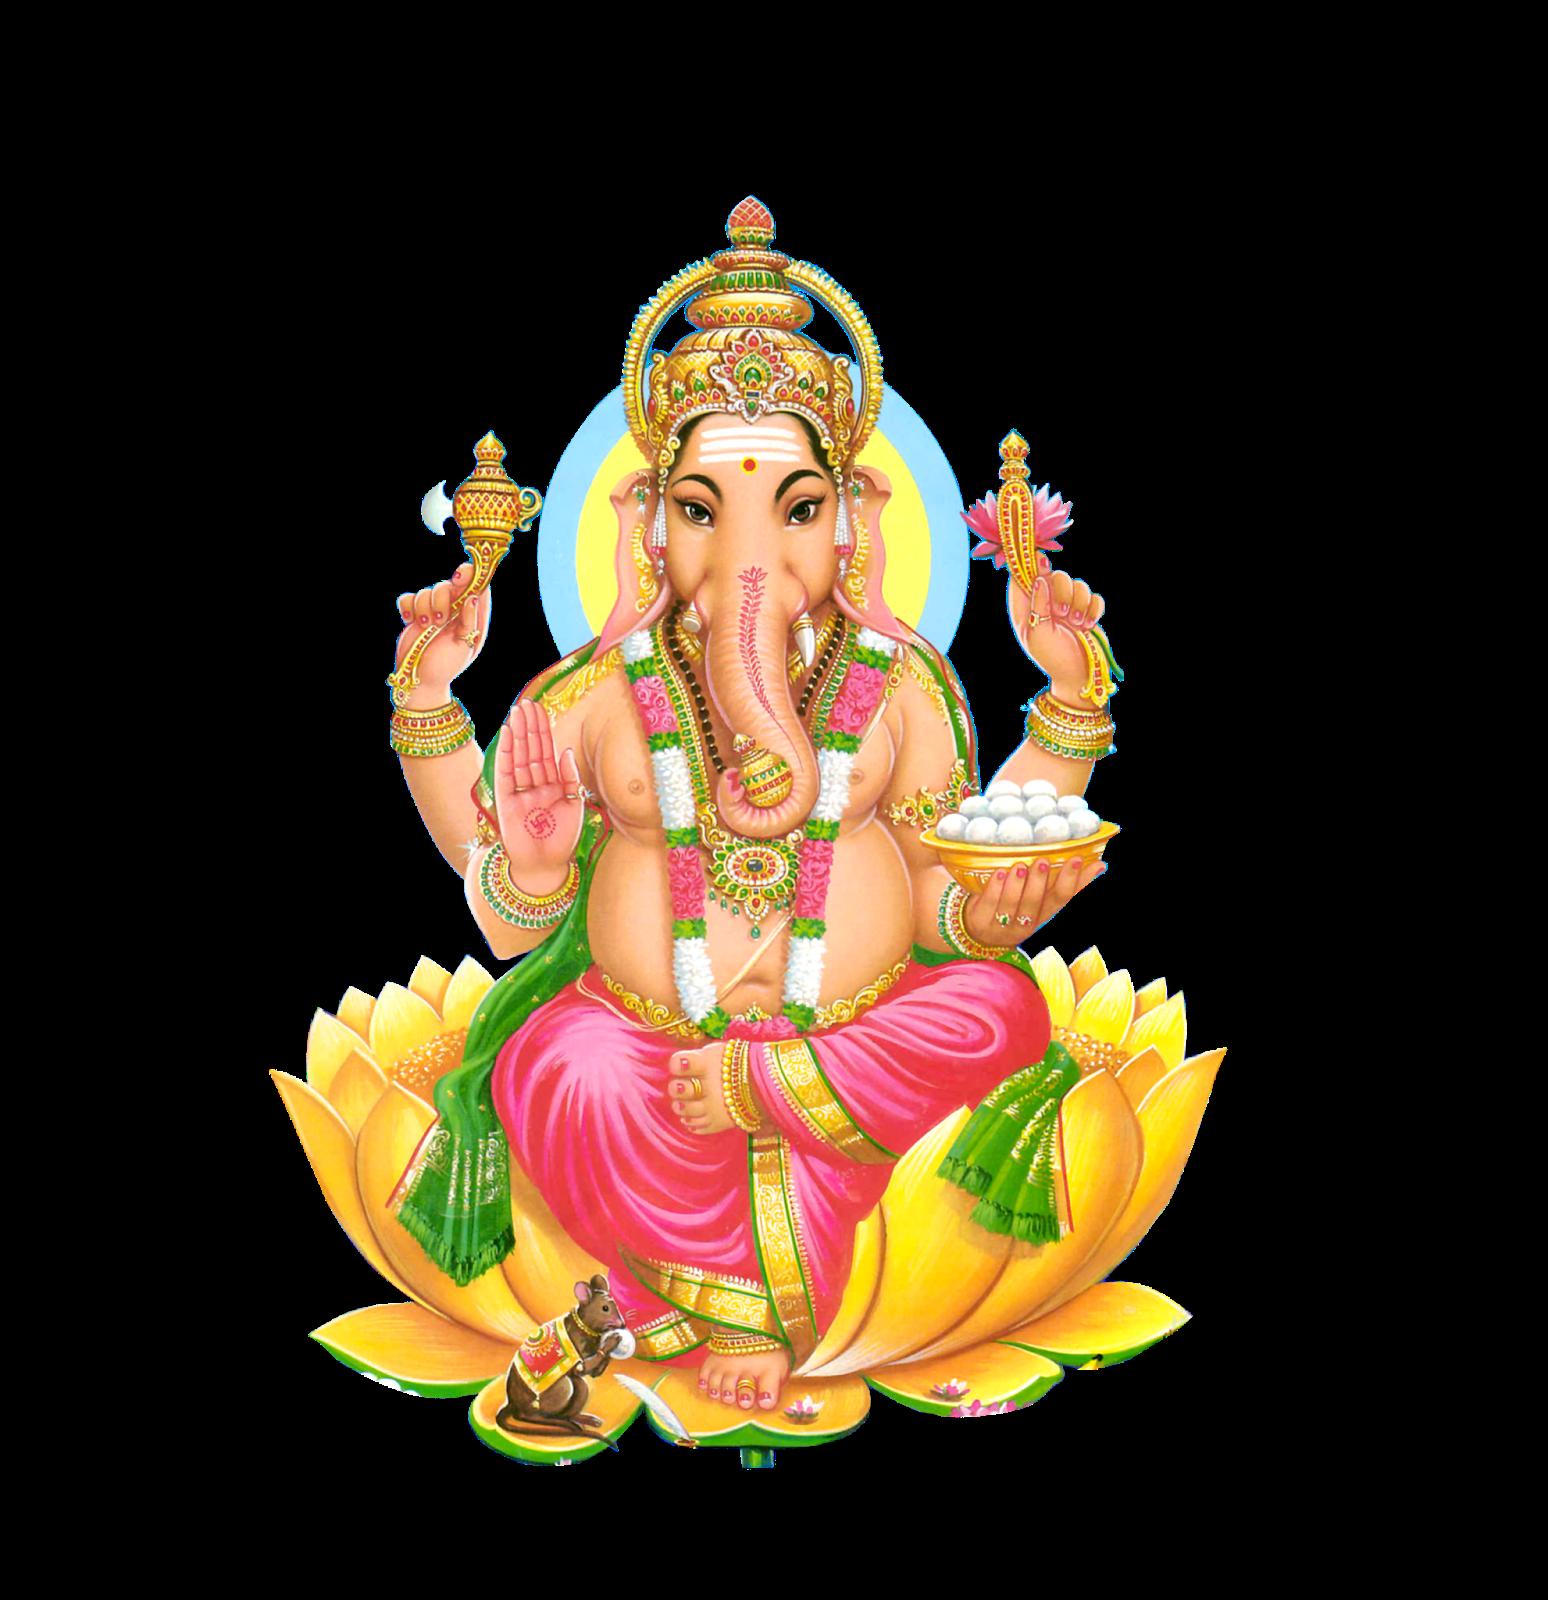 Pngforall images for lord vinayak png - Sri ganesh wallpaper hd ...